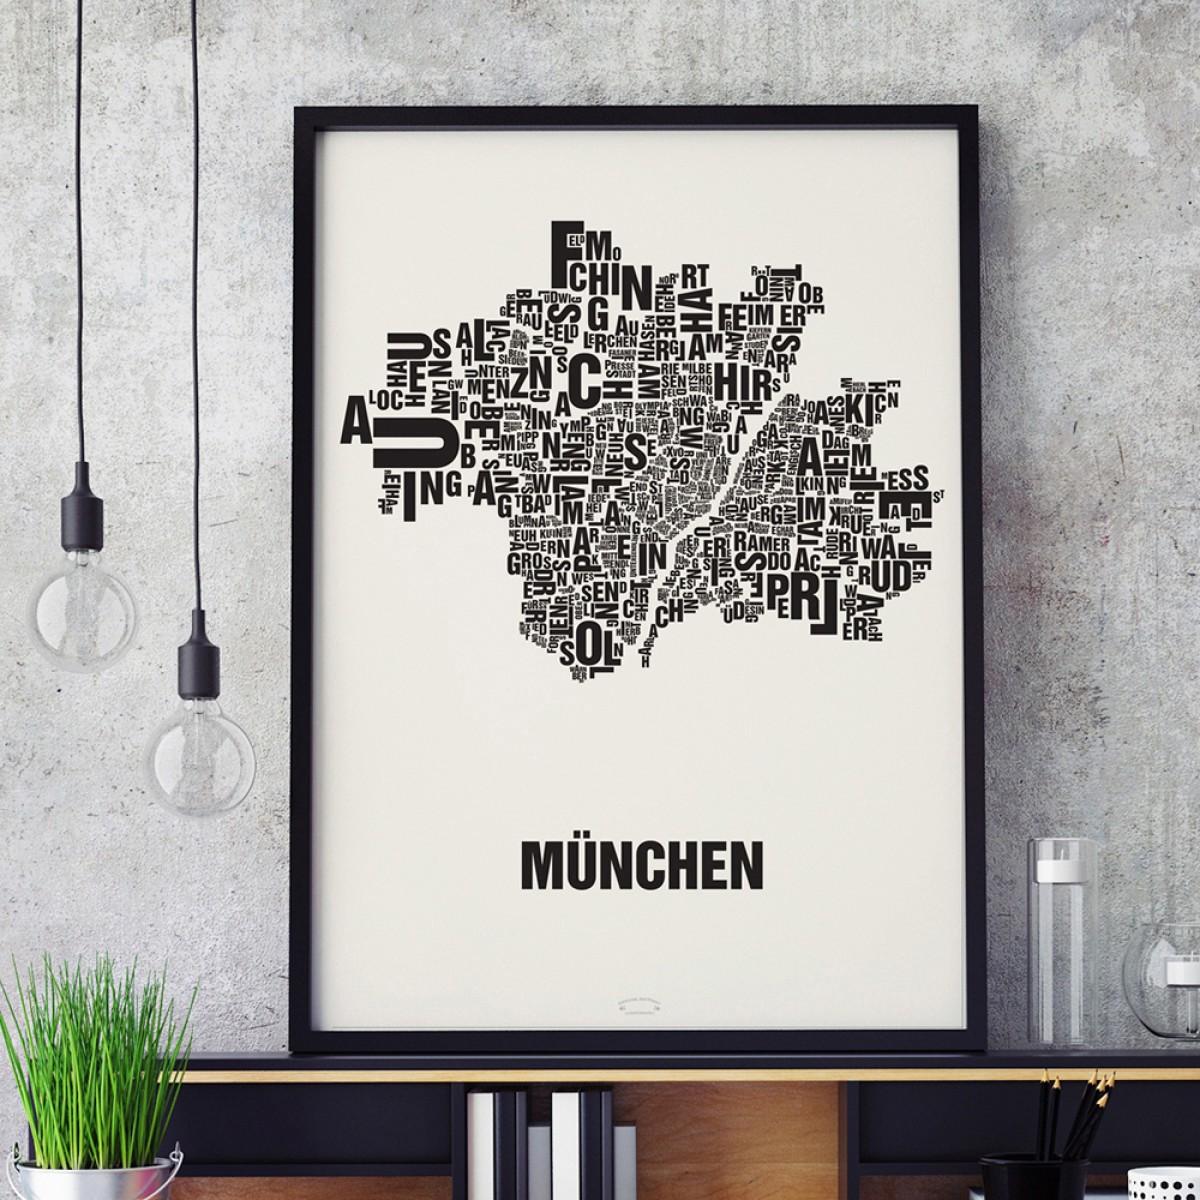 Buchstabenort München Poster Typografie Siebdruck